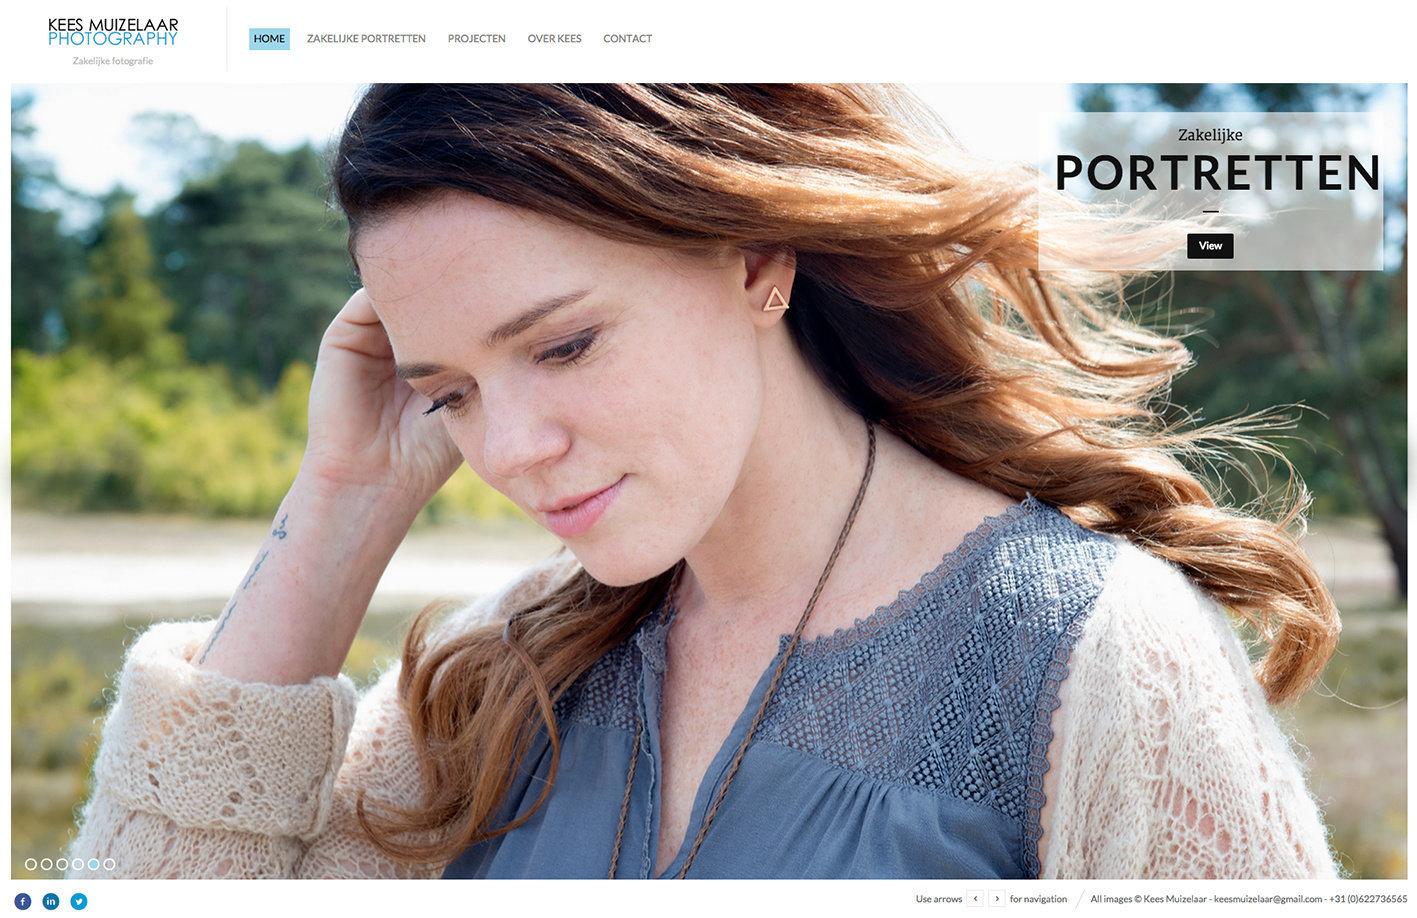 20 juli | Nieuwe zakelijke website online | New corporate work website launched.